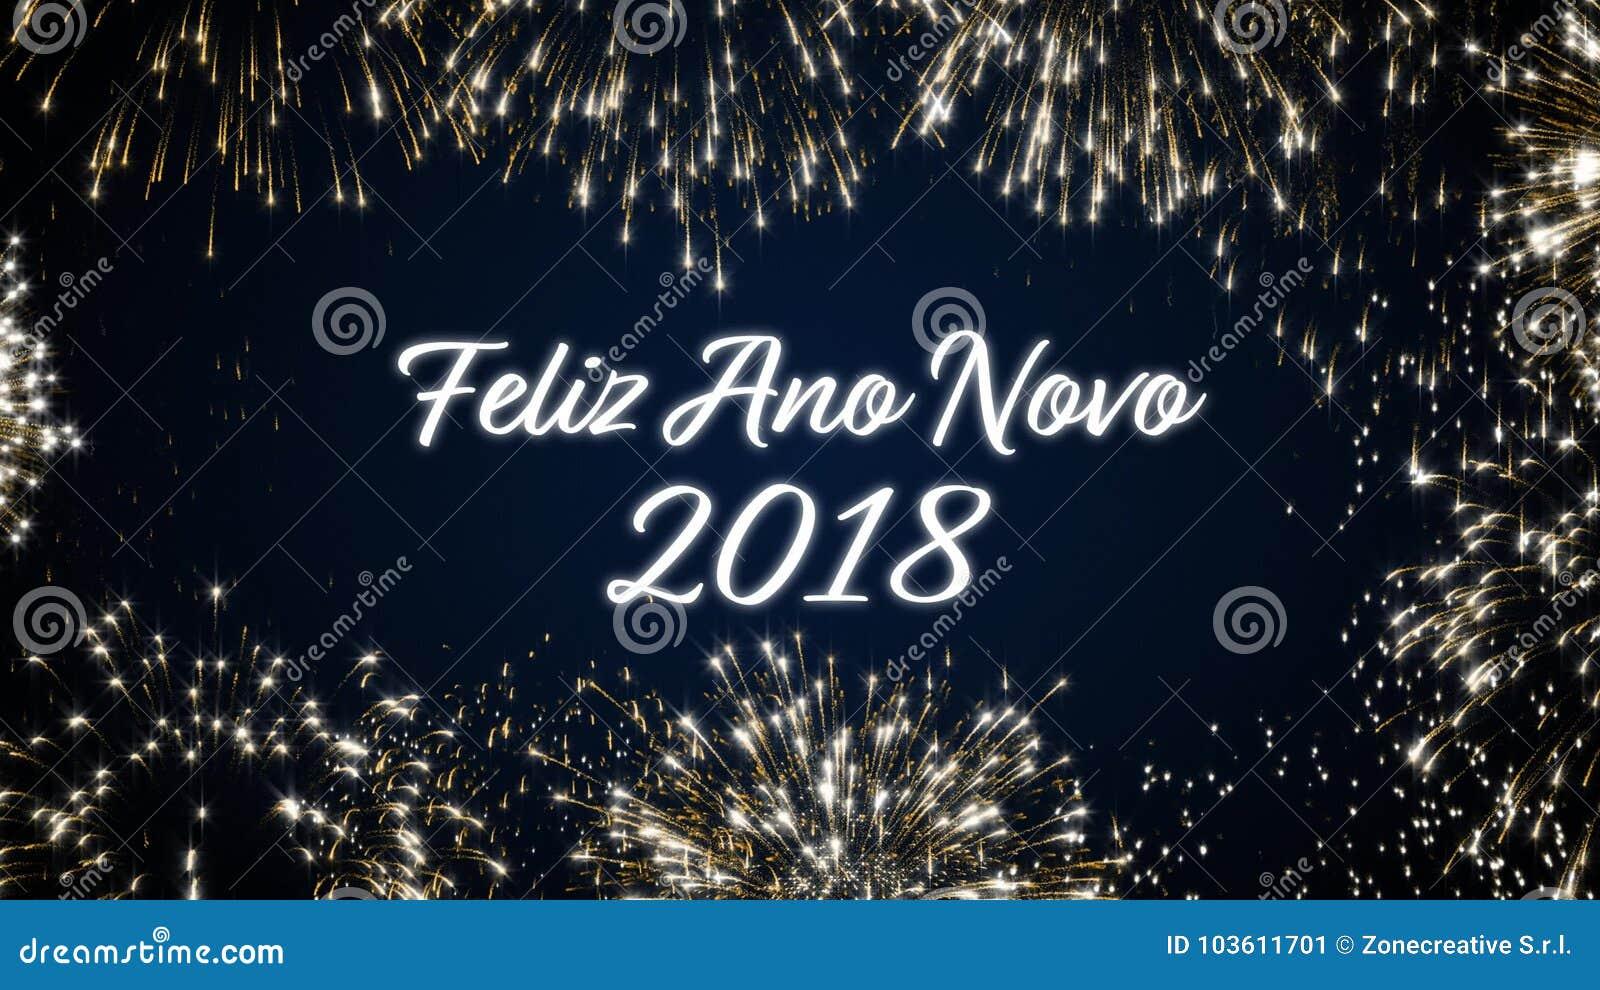 Postal De Colocacion Del Social De La Feliz Ano Nuevo 2018 Con Los